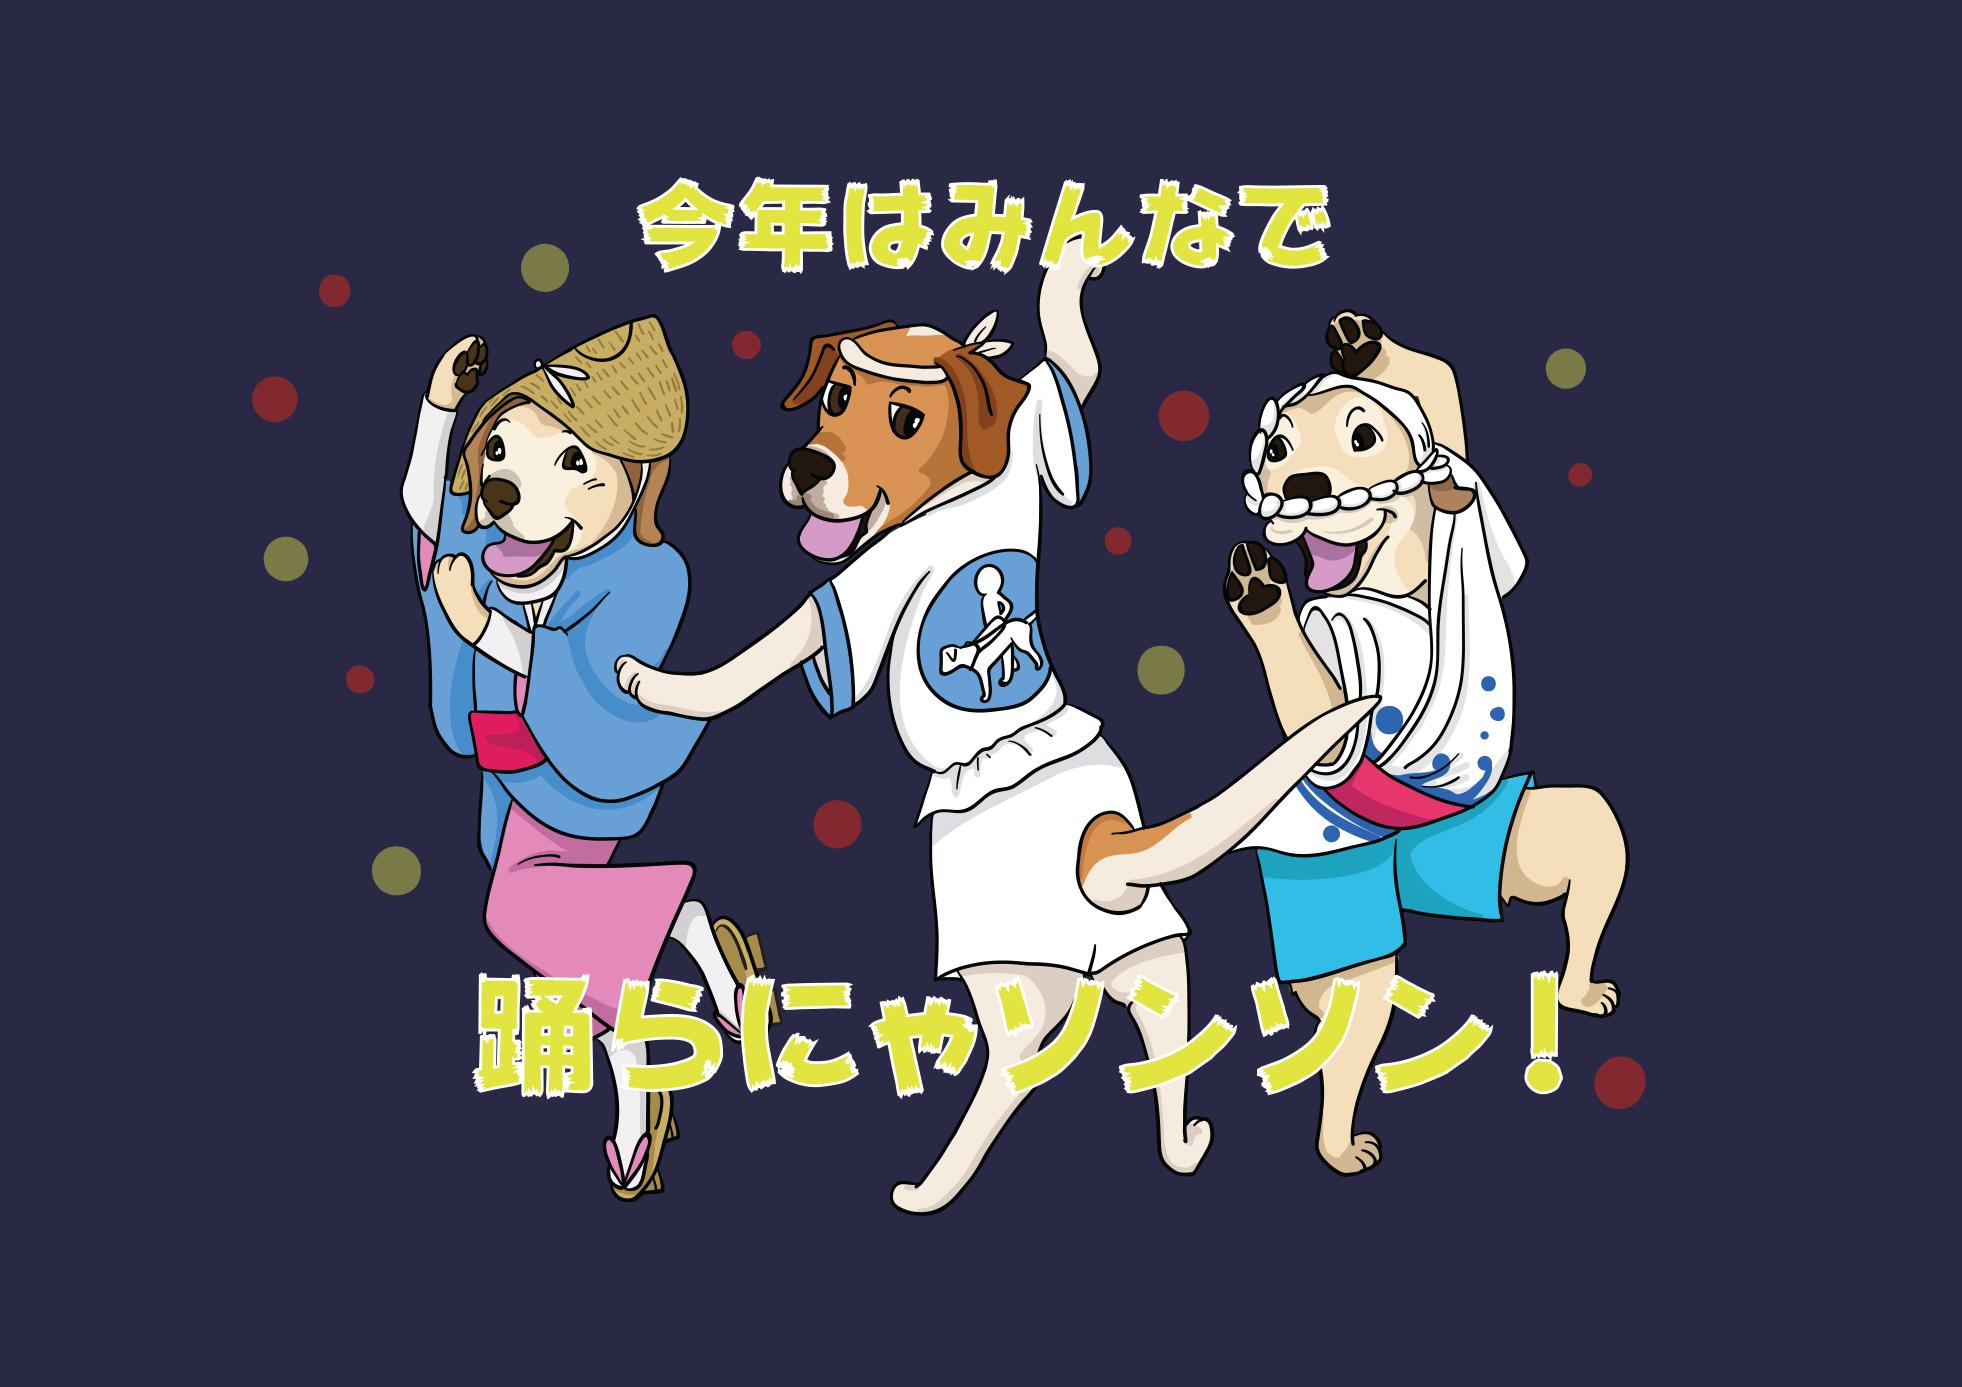 Awaodori_Chirashi-copy.jpg